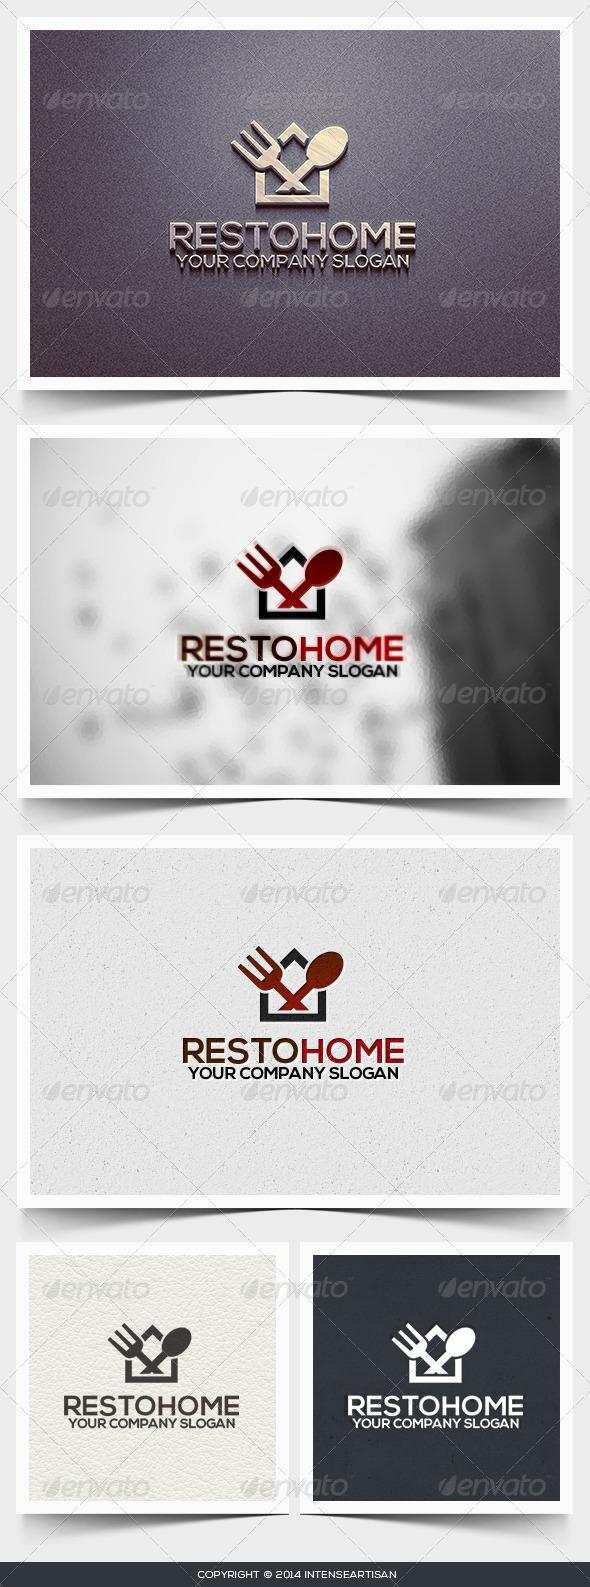 GraphicRiver Resto Home Logo Template 6619118